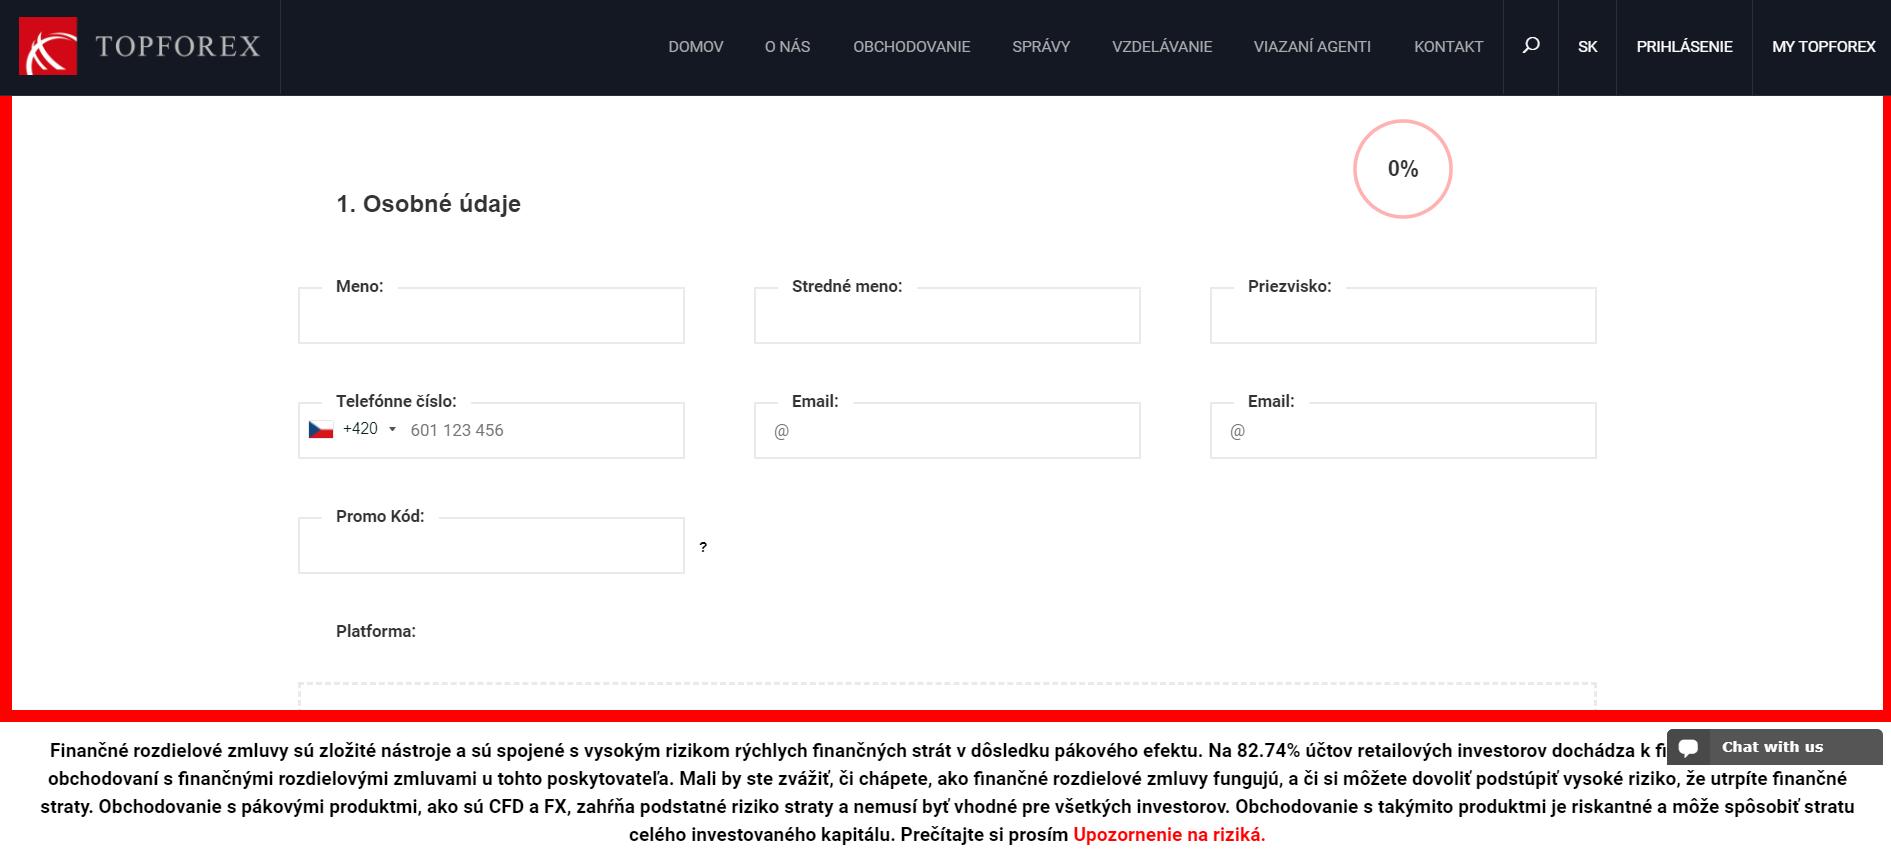 TopForex Demo registracia